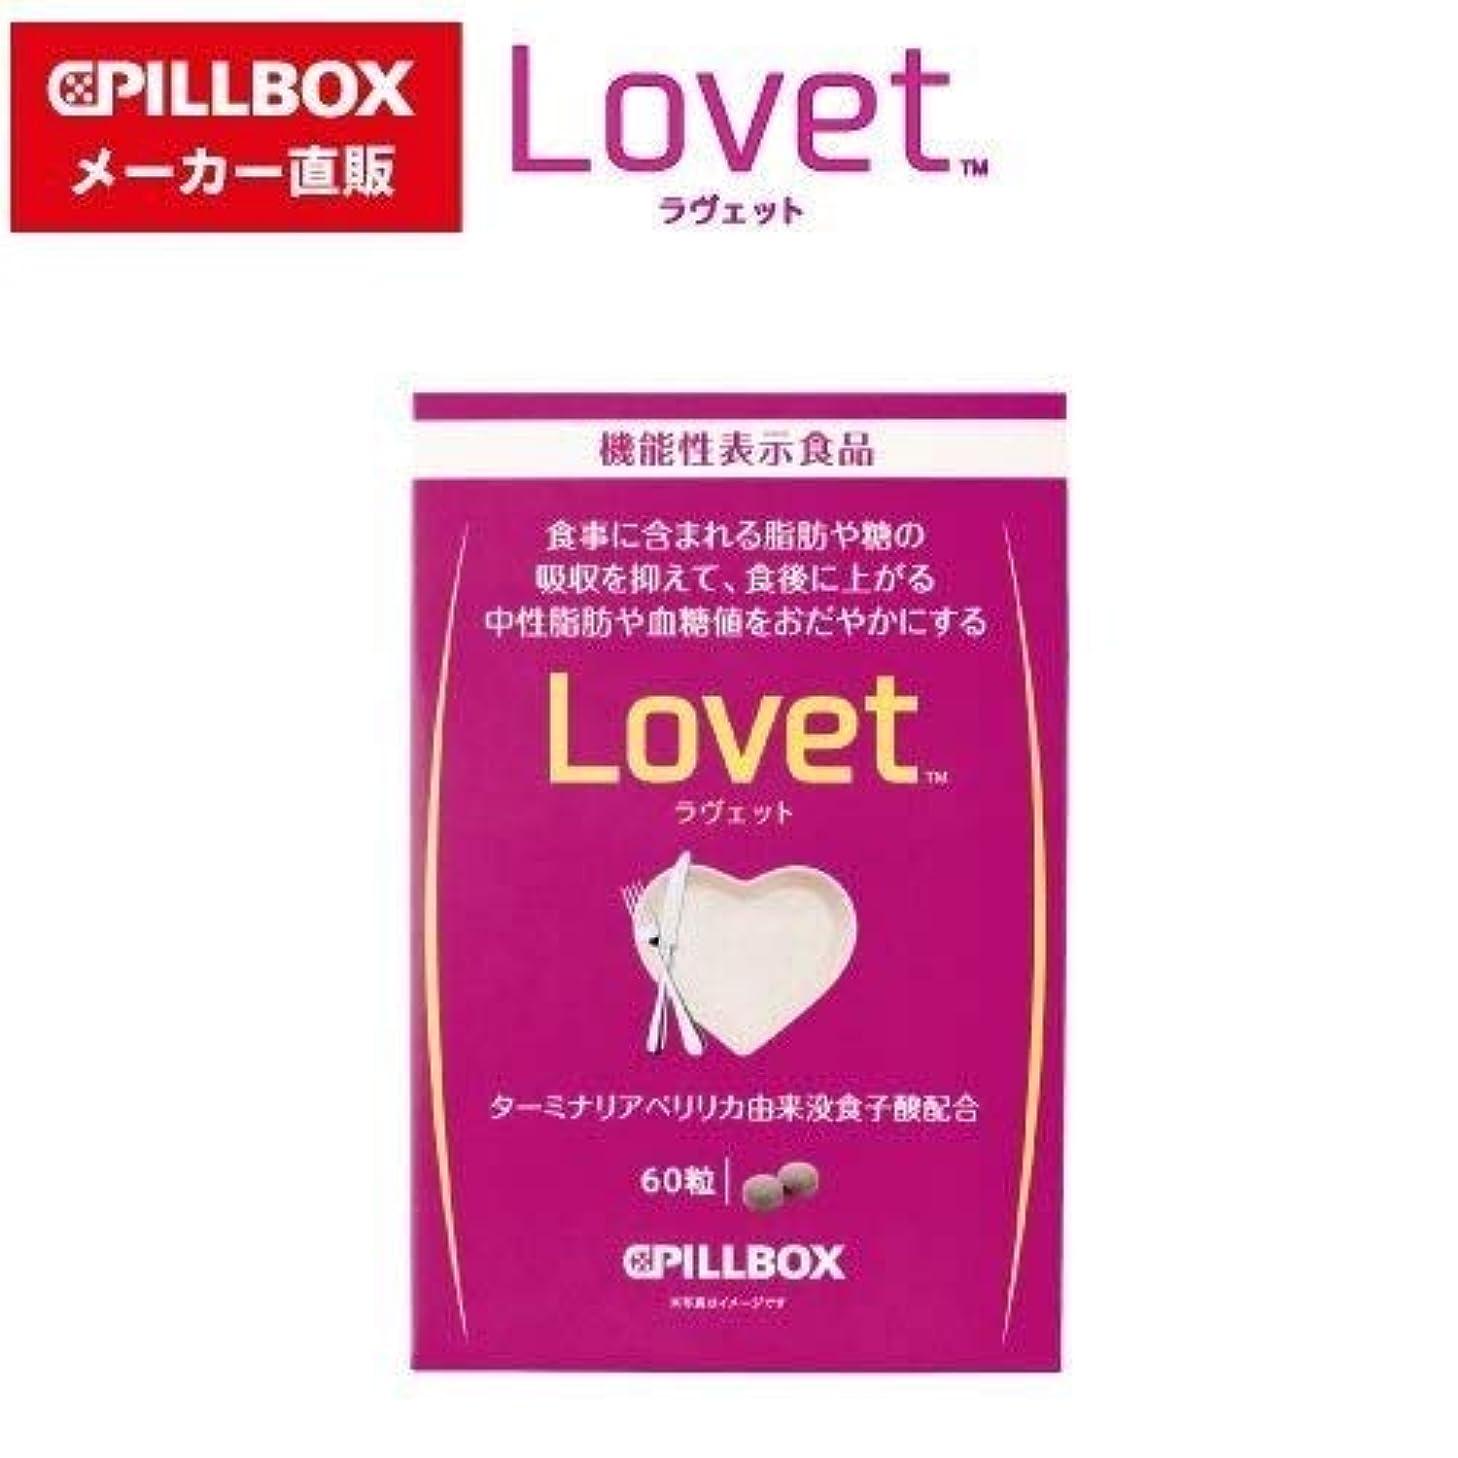 不快な箱シソーラスピルボックス Lovet(ラヴェット)60粒 5個セット